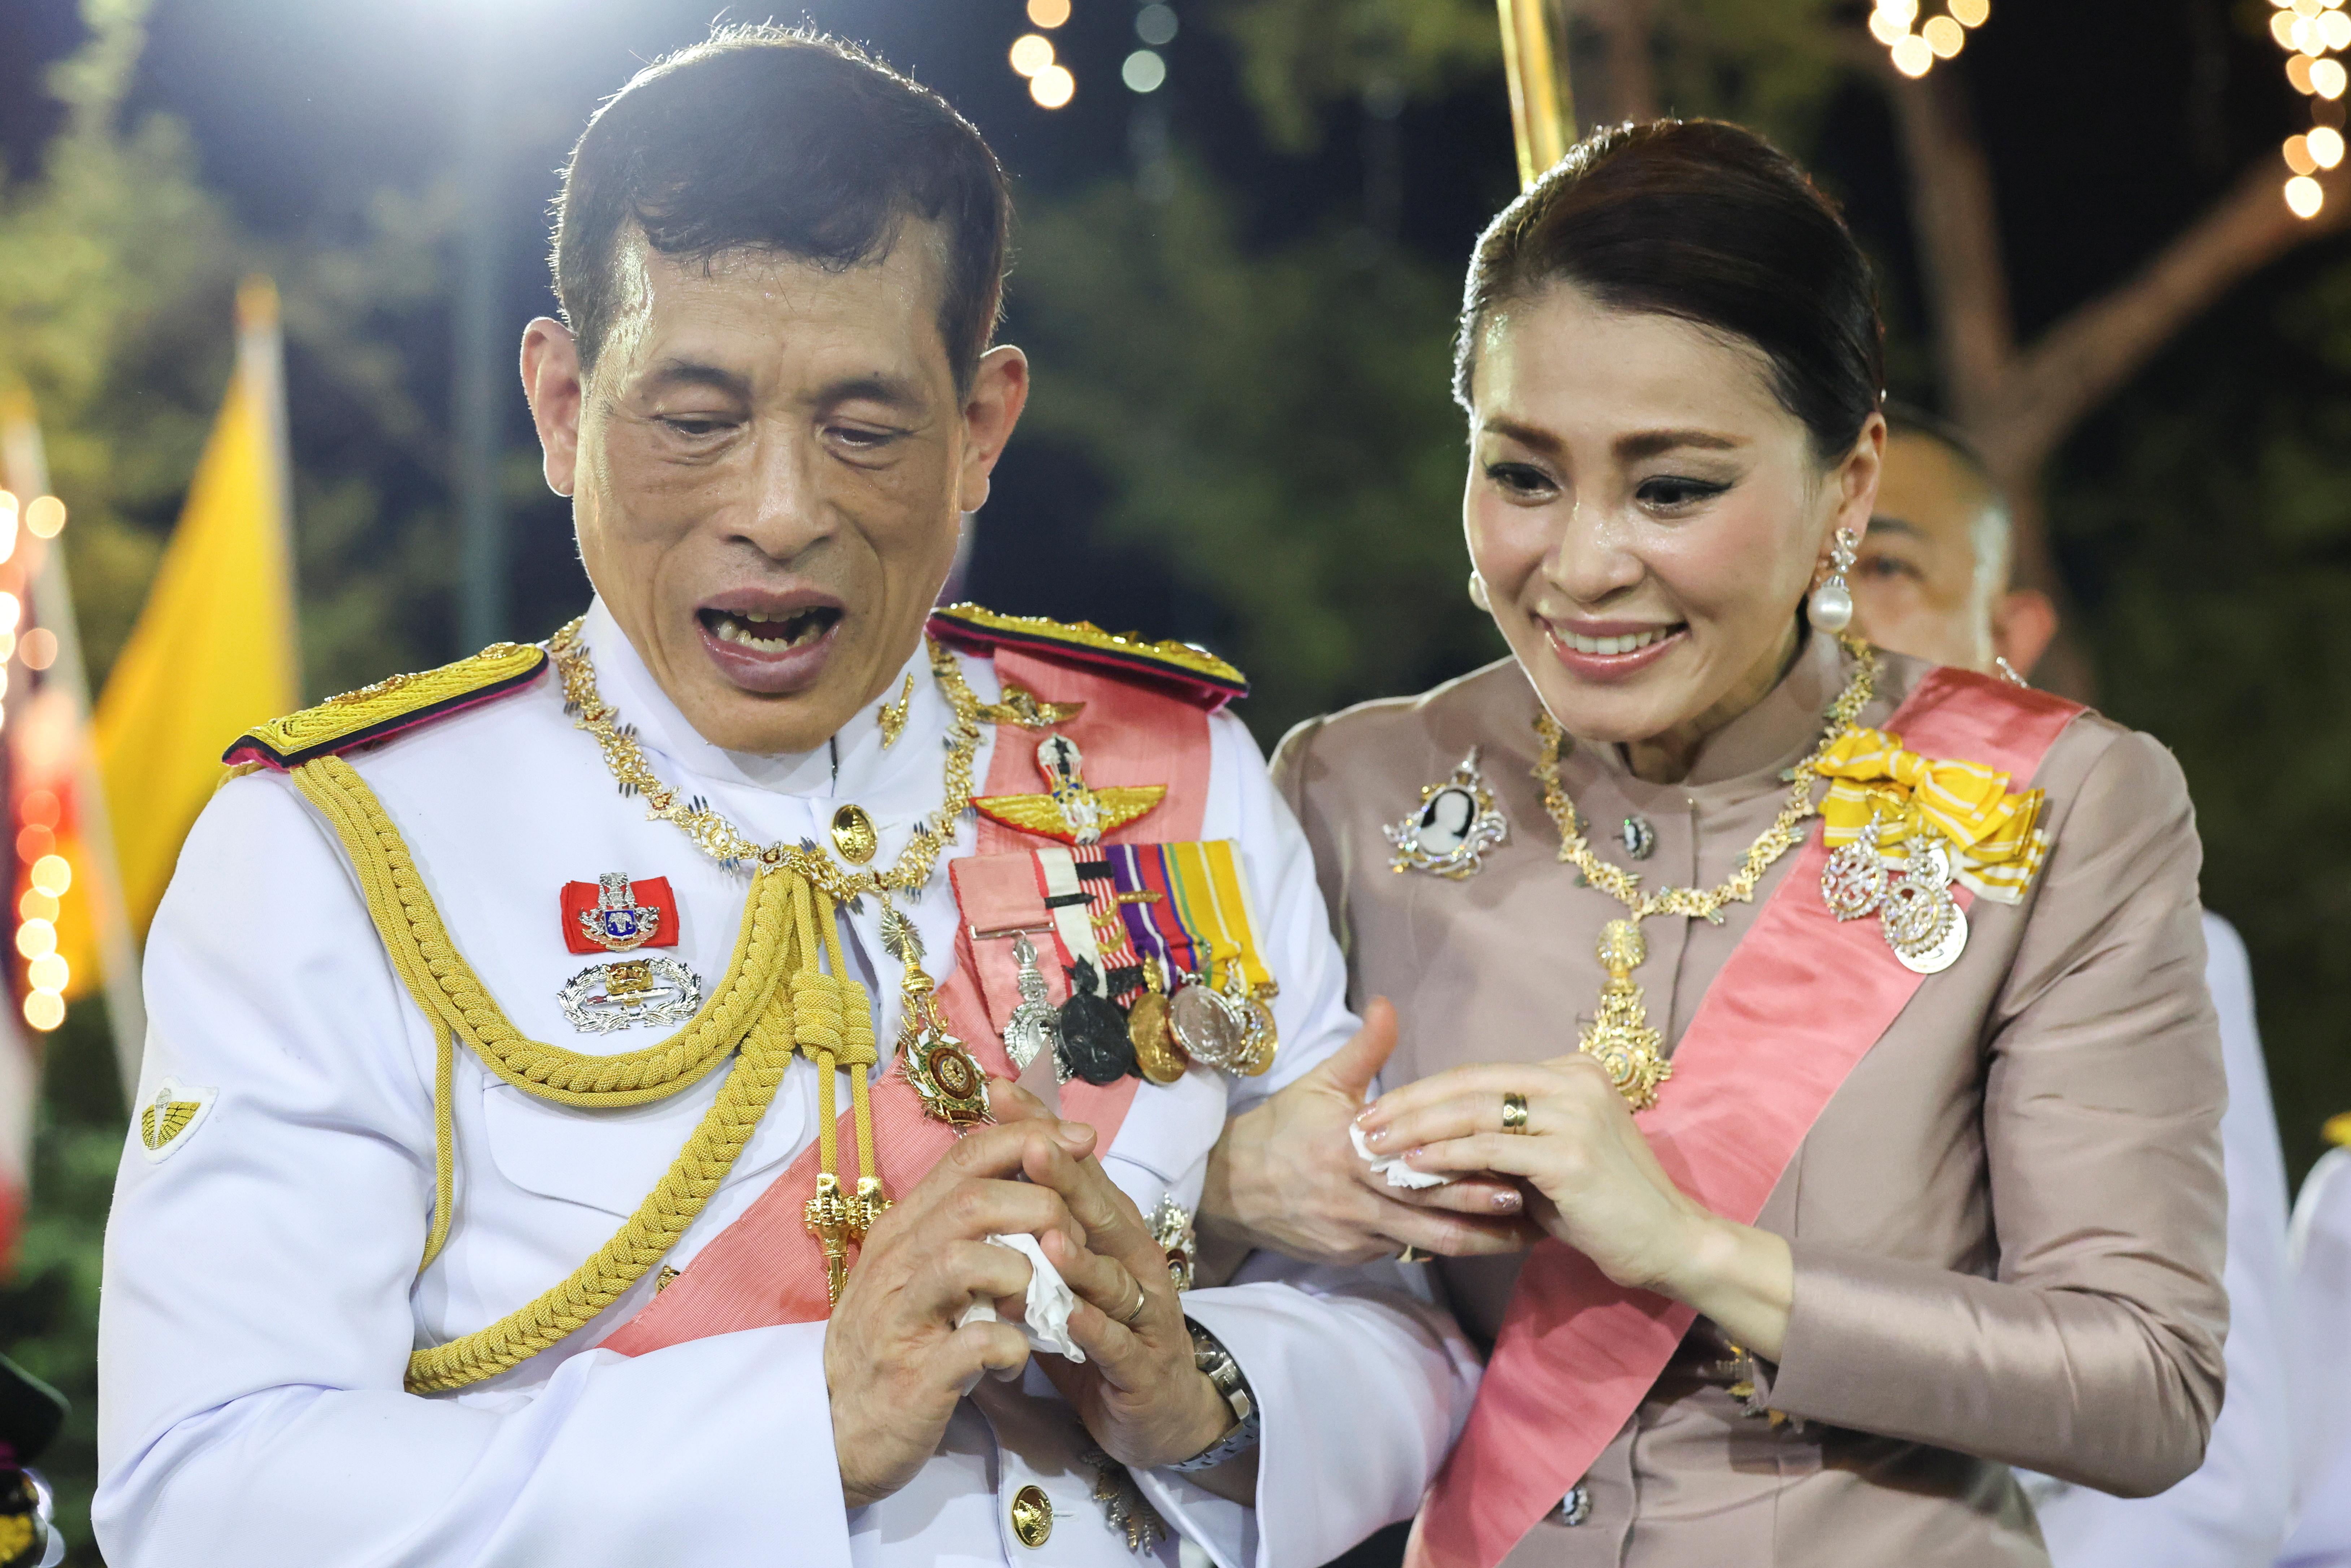 ▲現任泰王瓦吉拉隆功(Vajiralongkorn)偕同皇后蘇堤達(Suthida)出席朱拉隆功的逝世紀念儀式,步出曼谷大皇宮時受到保皇派的熱烈歡迎。(圖/路透)